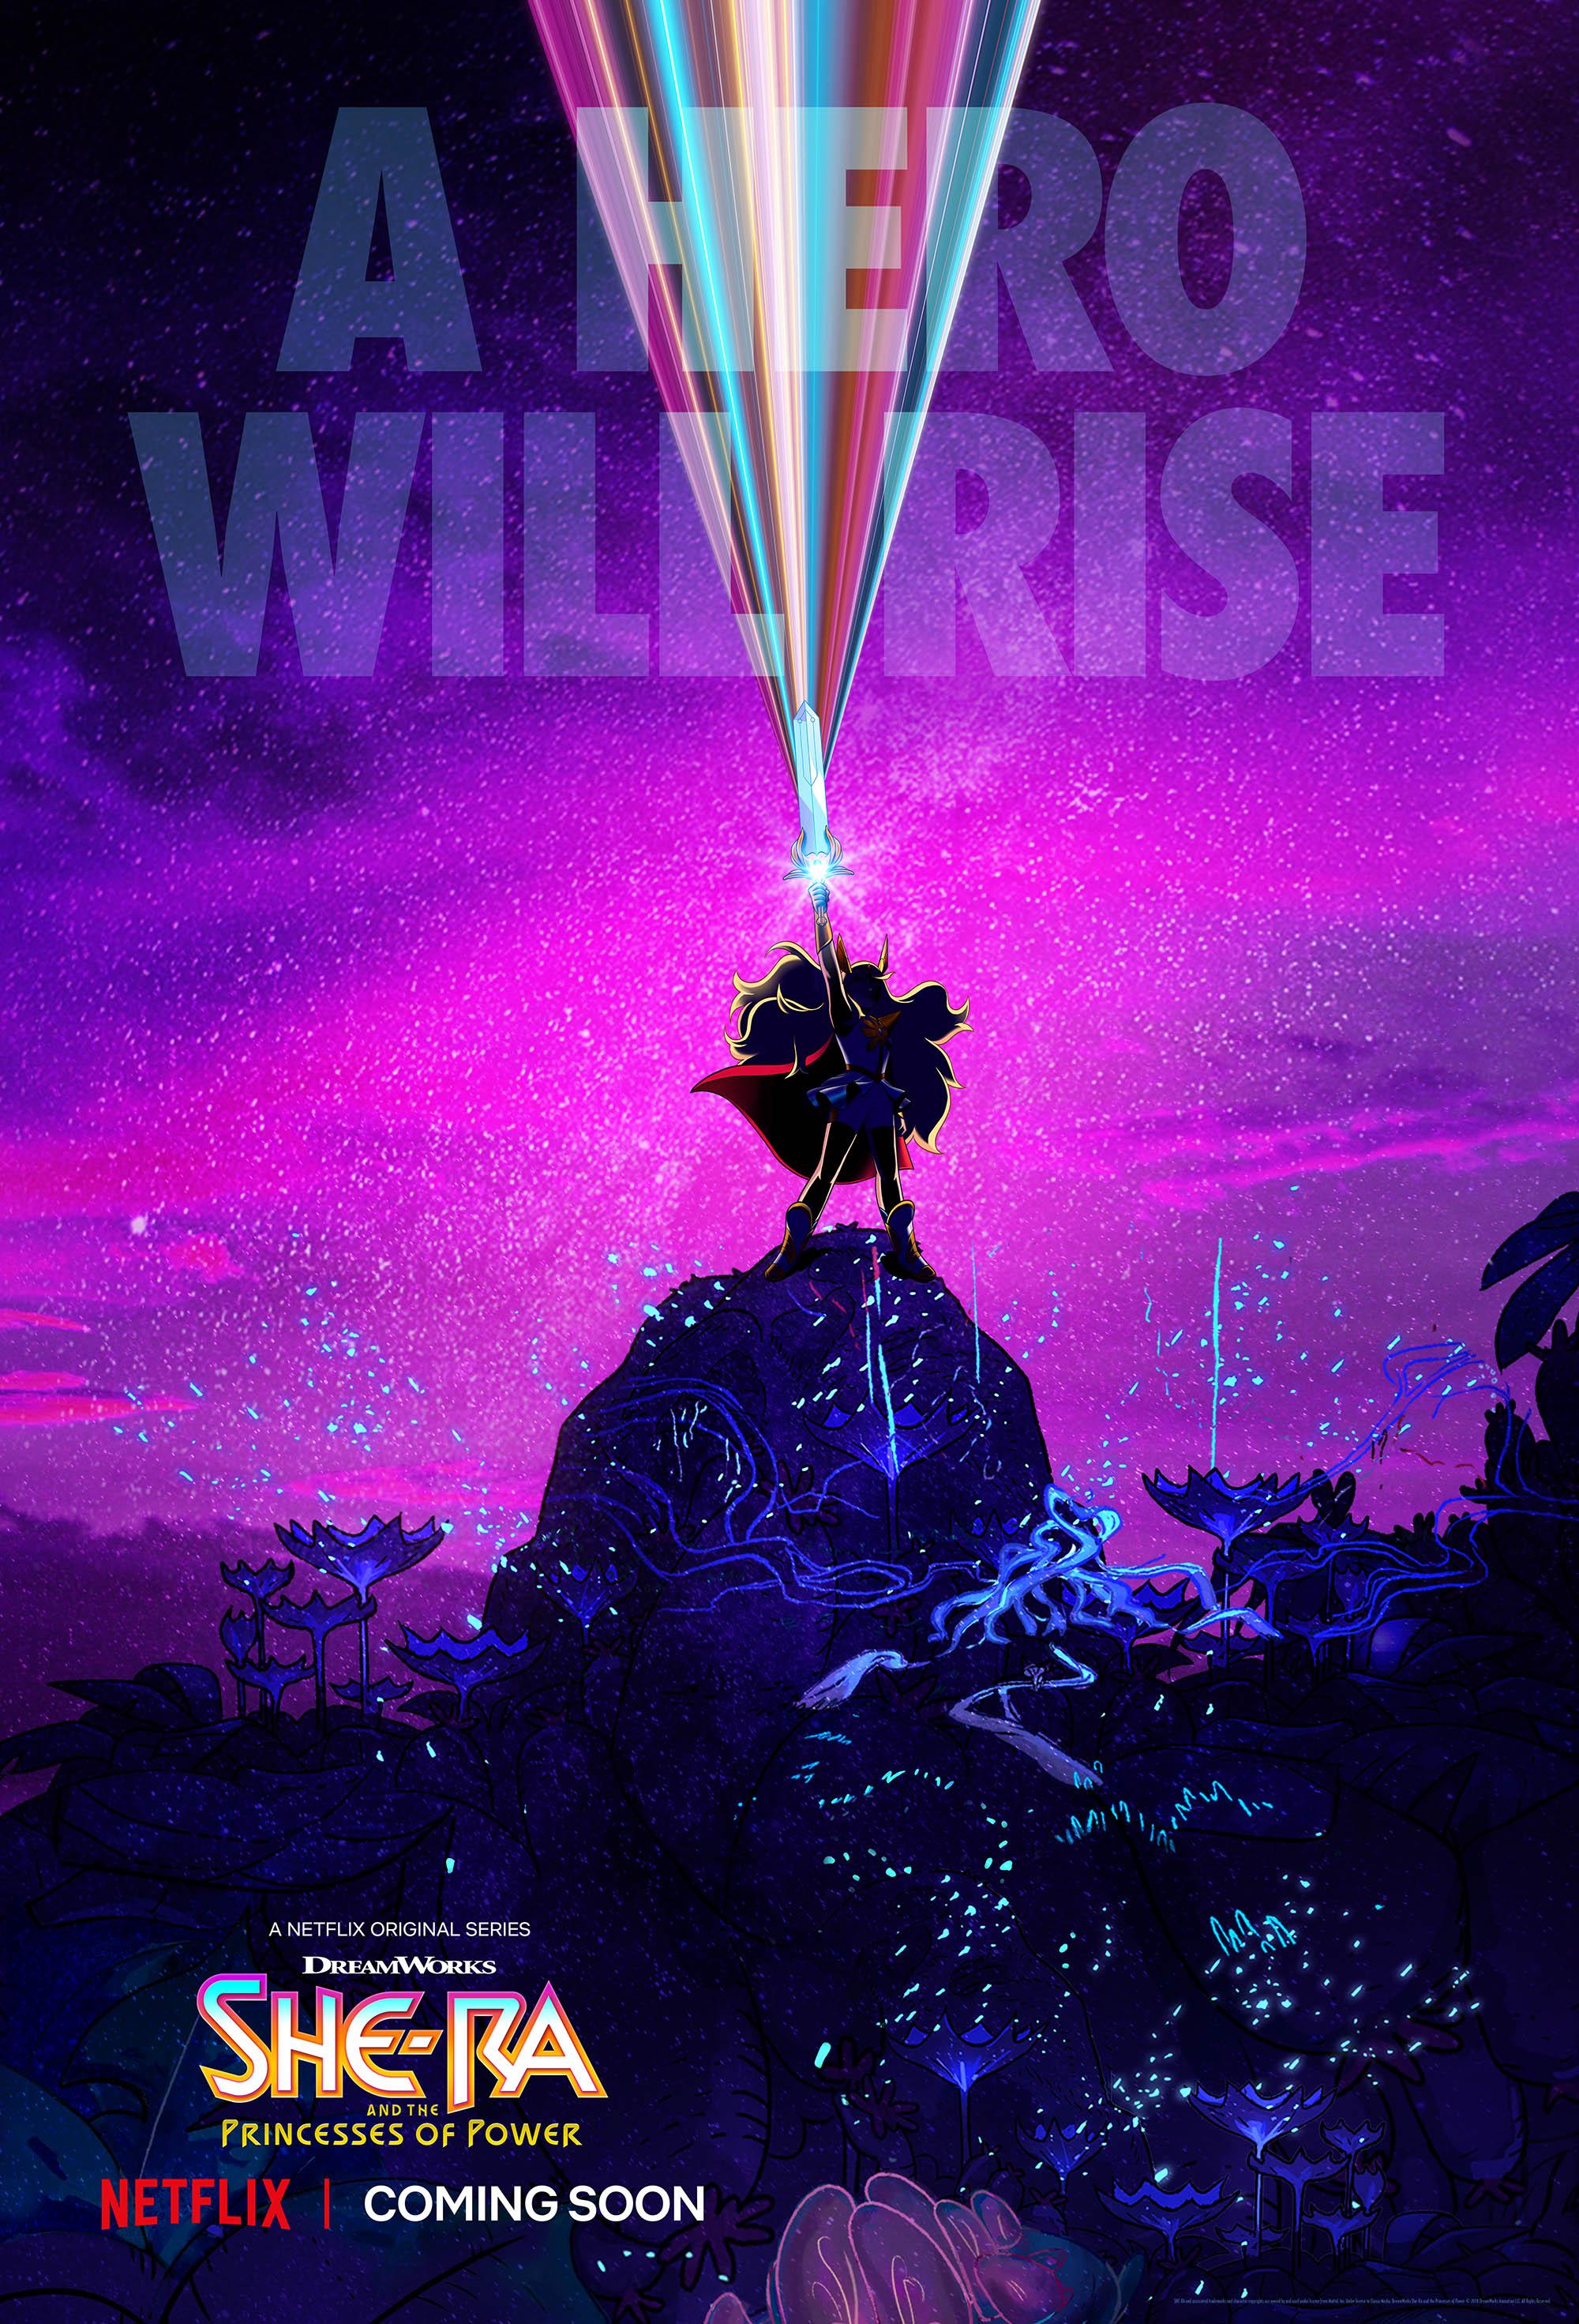 Мультсериал «Ши-Ра: Принцесса Силы» получит перезапуск на Netflix 1